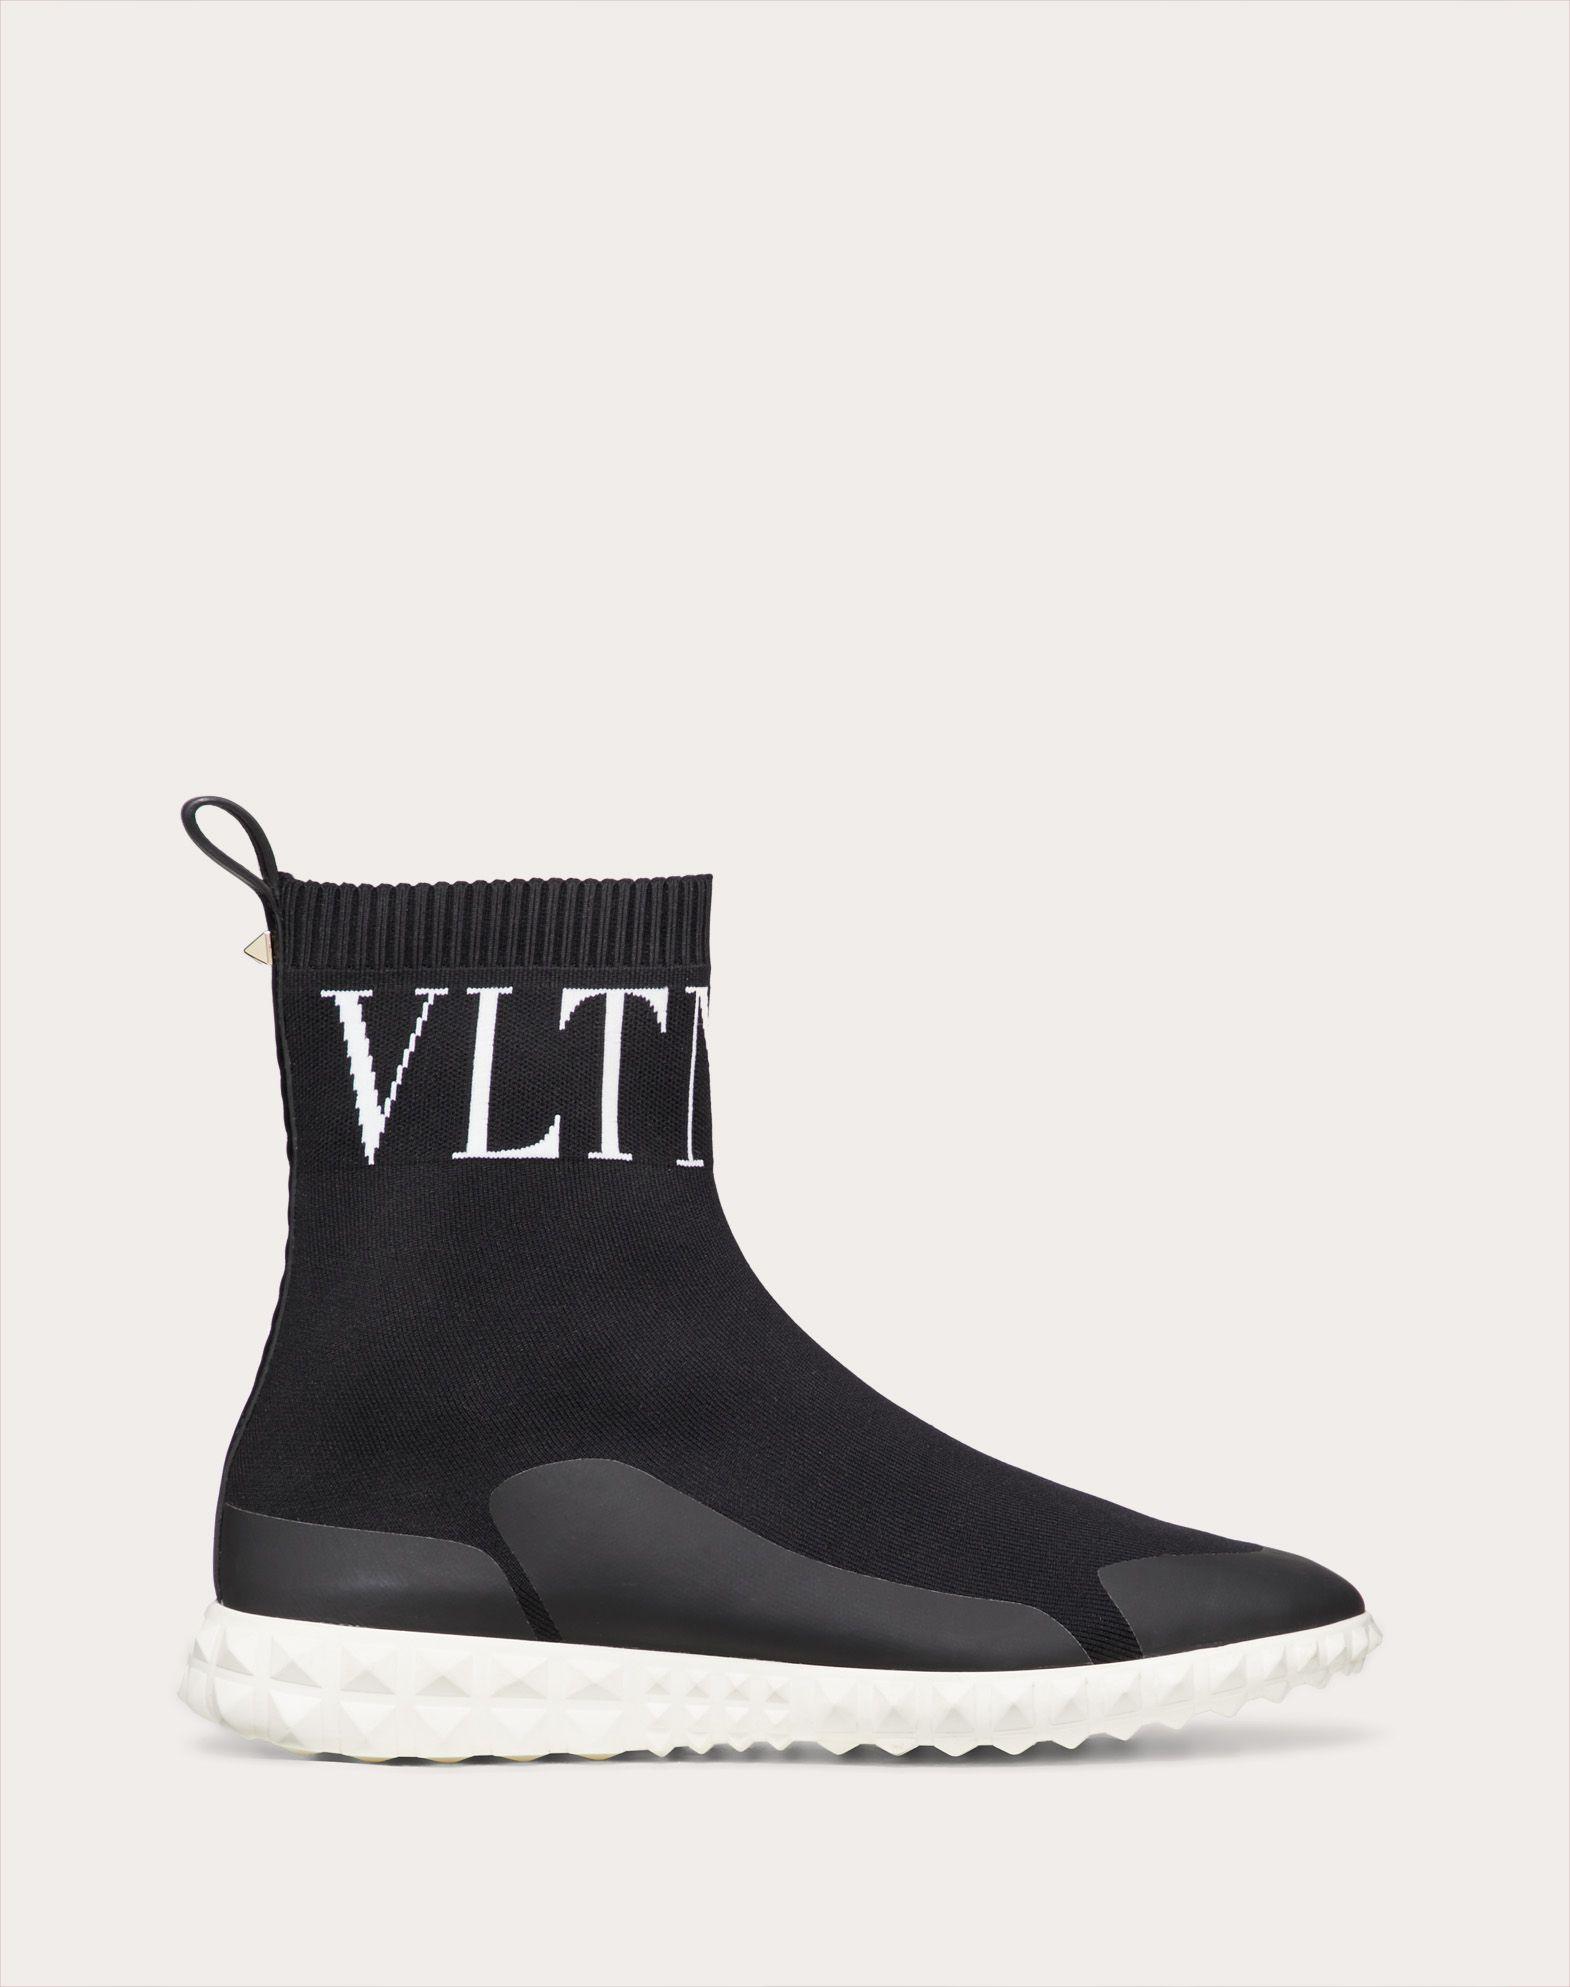 Sneakers façon chaussettes VLTN